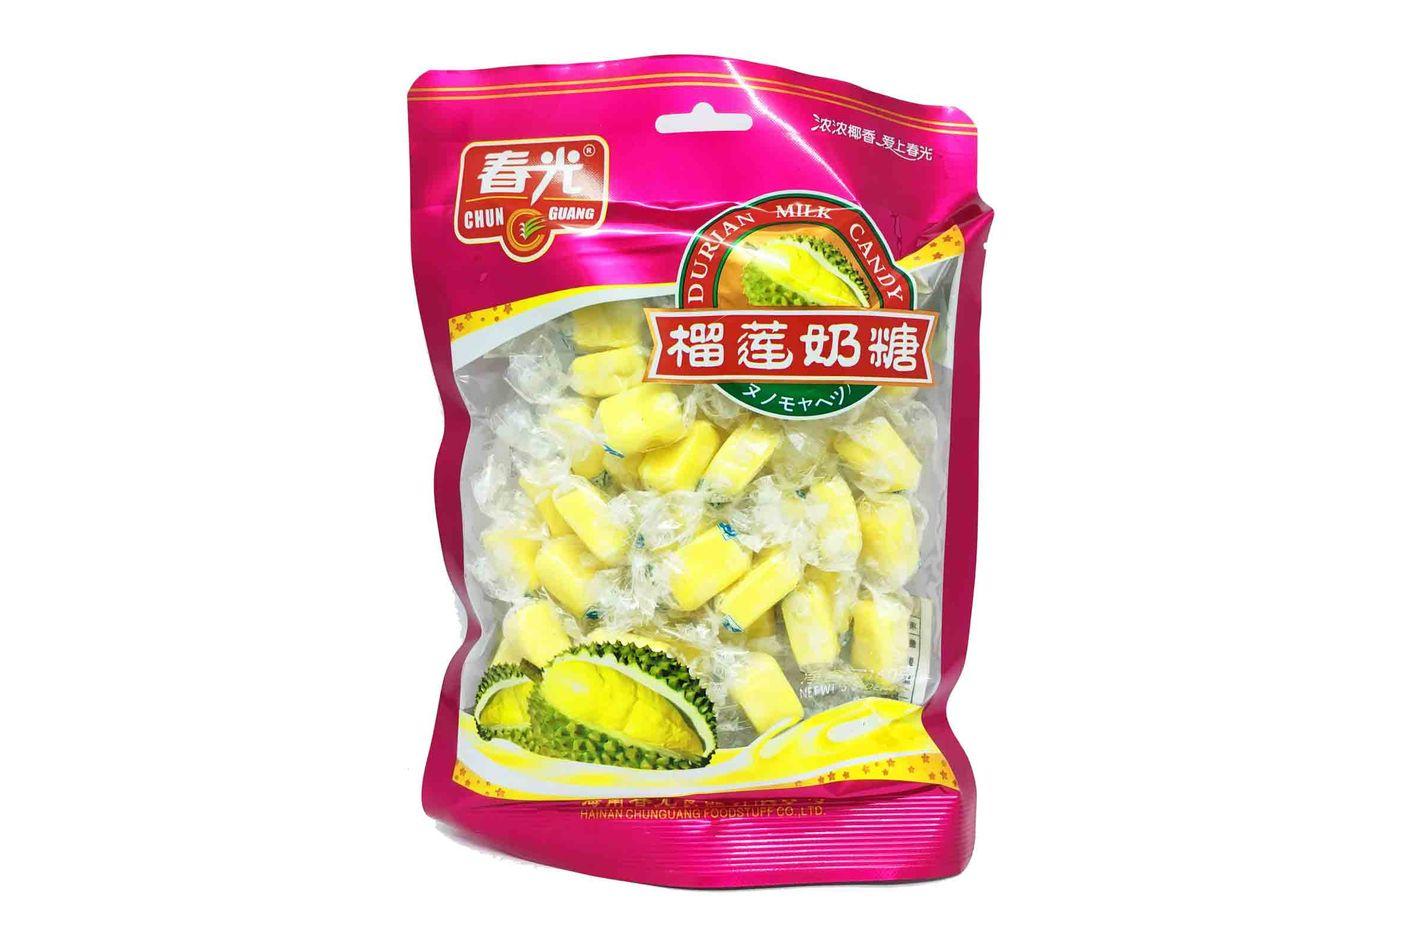 Chun Guang Durian Milk Candy